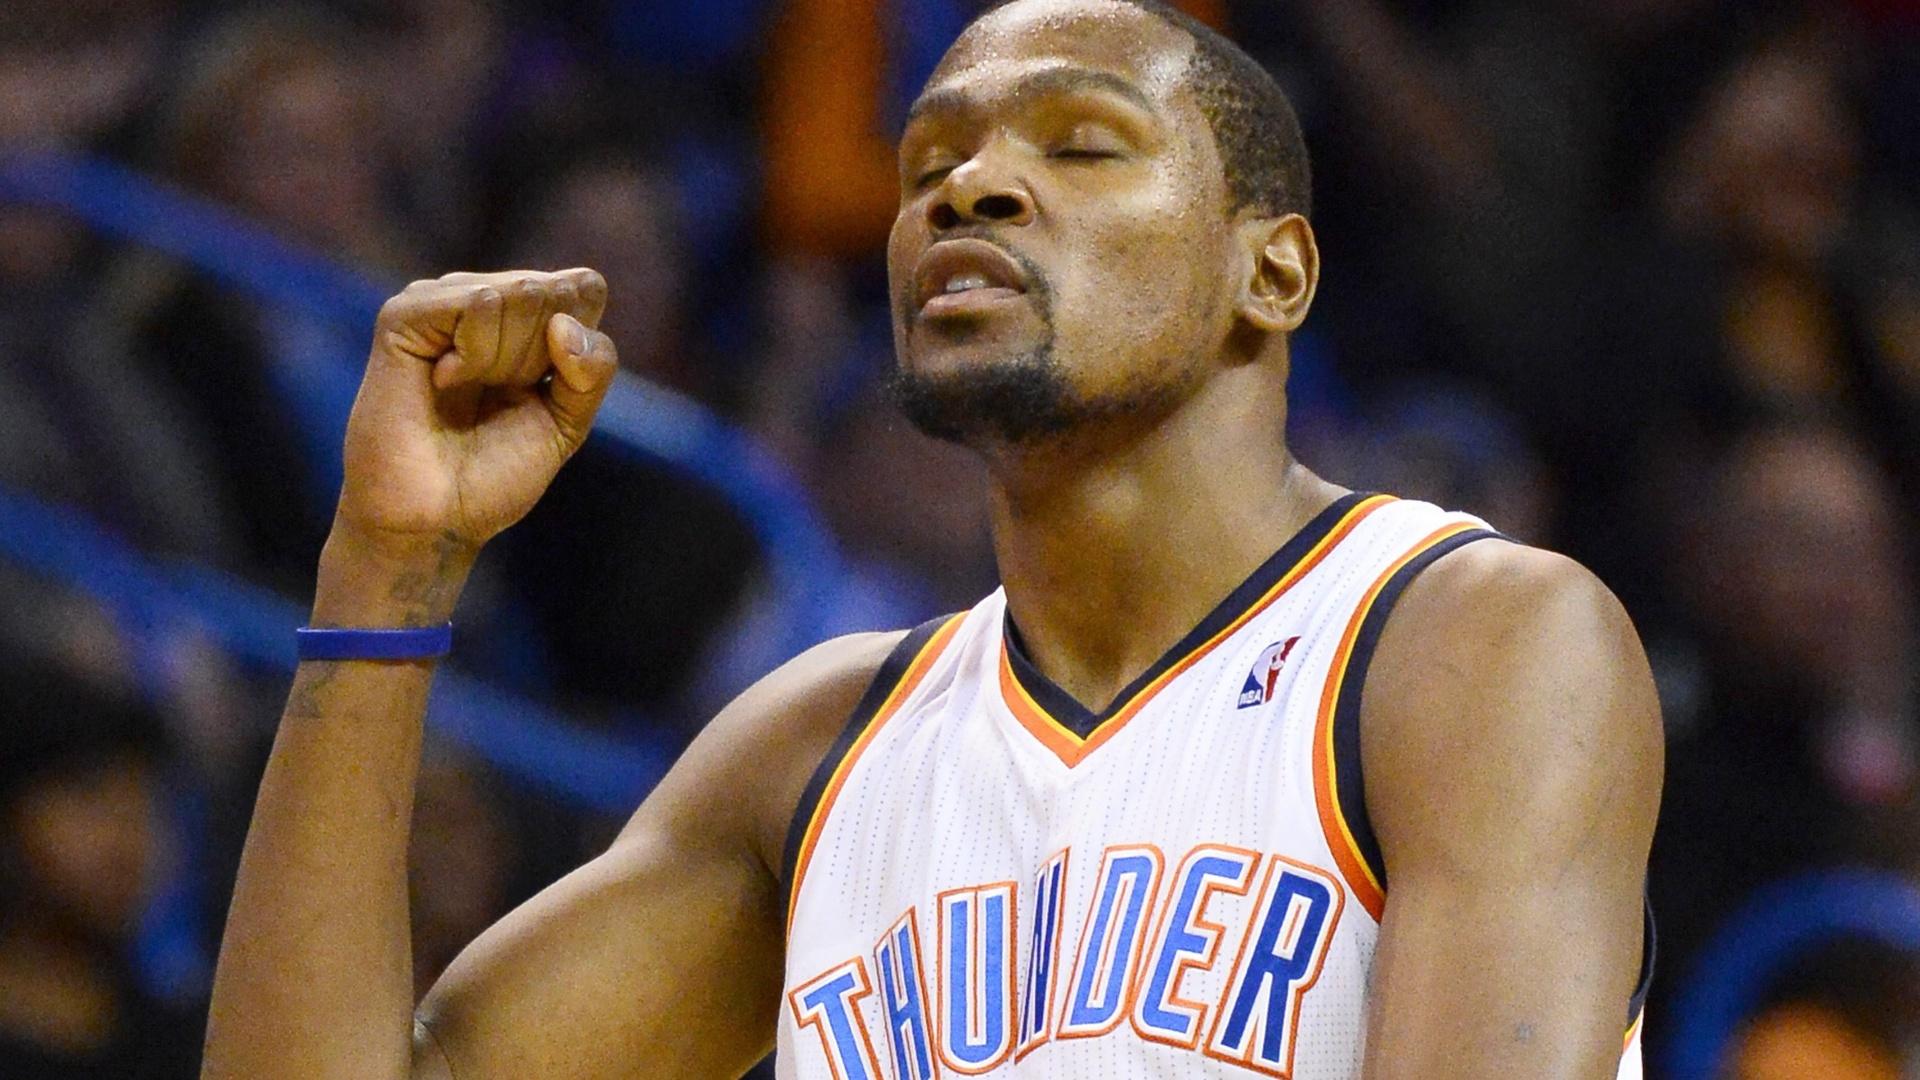 18.01.2014 - O ala norte-americano Kevin Durant quebrou uma marca pessoal na vitória do Oklahoma City Thunder sobre o Golden State Warriors por 127 a 121